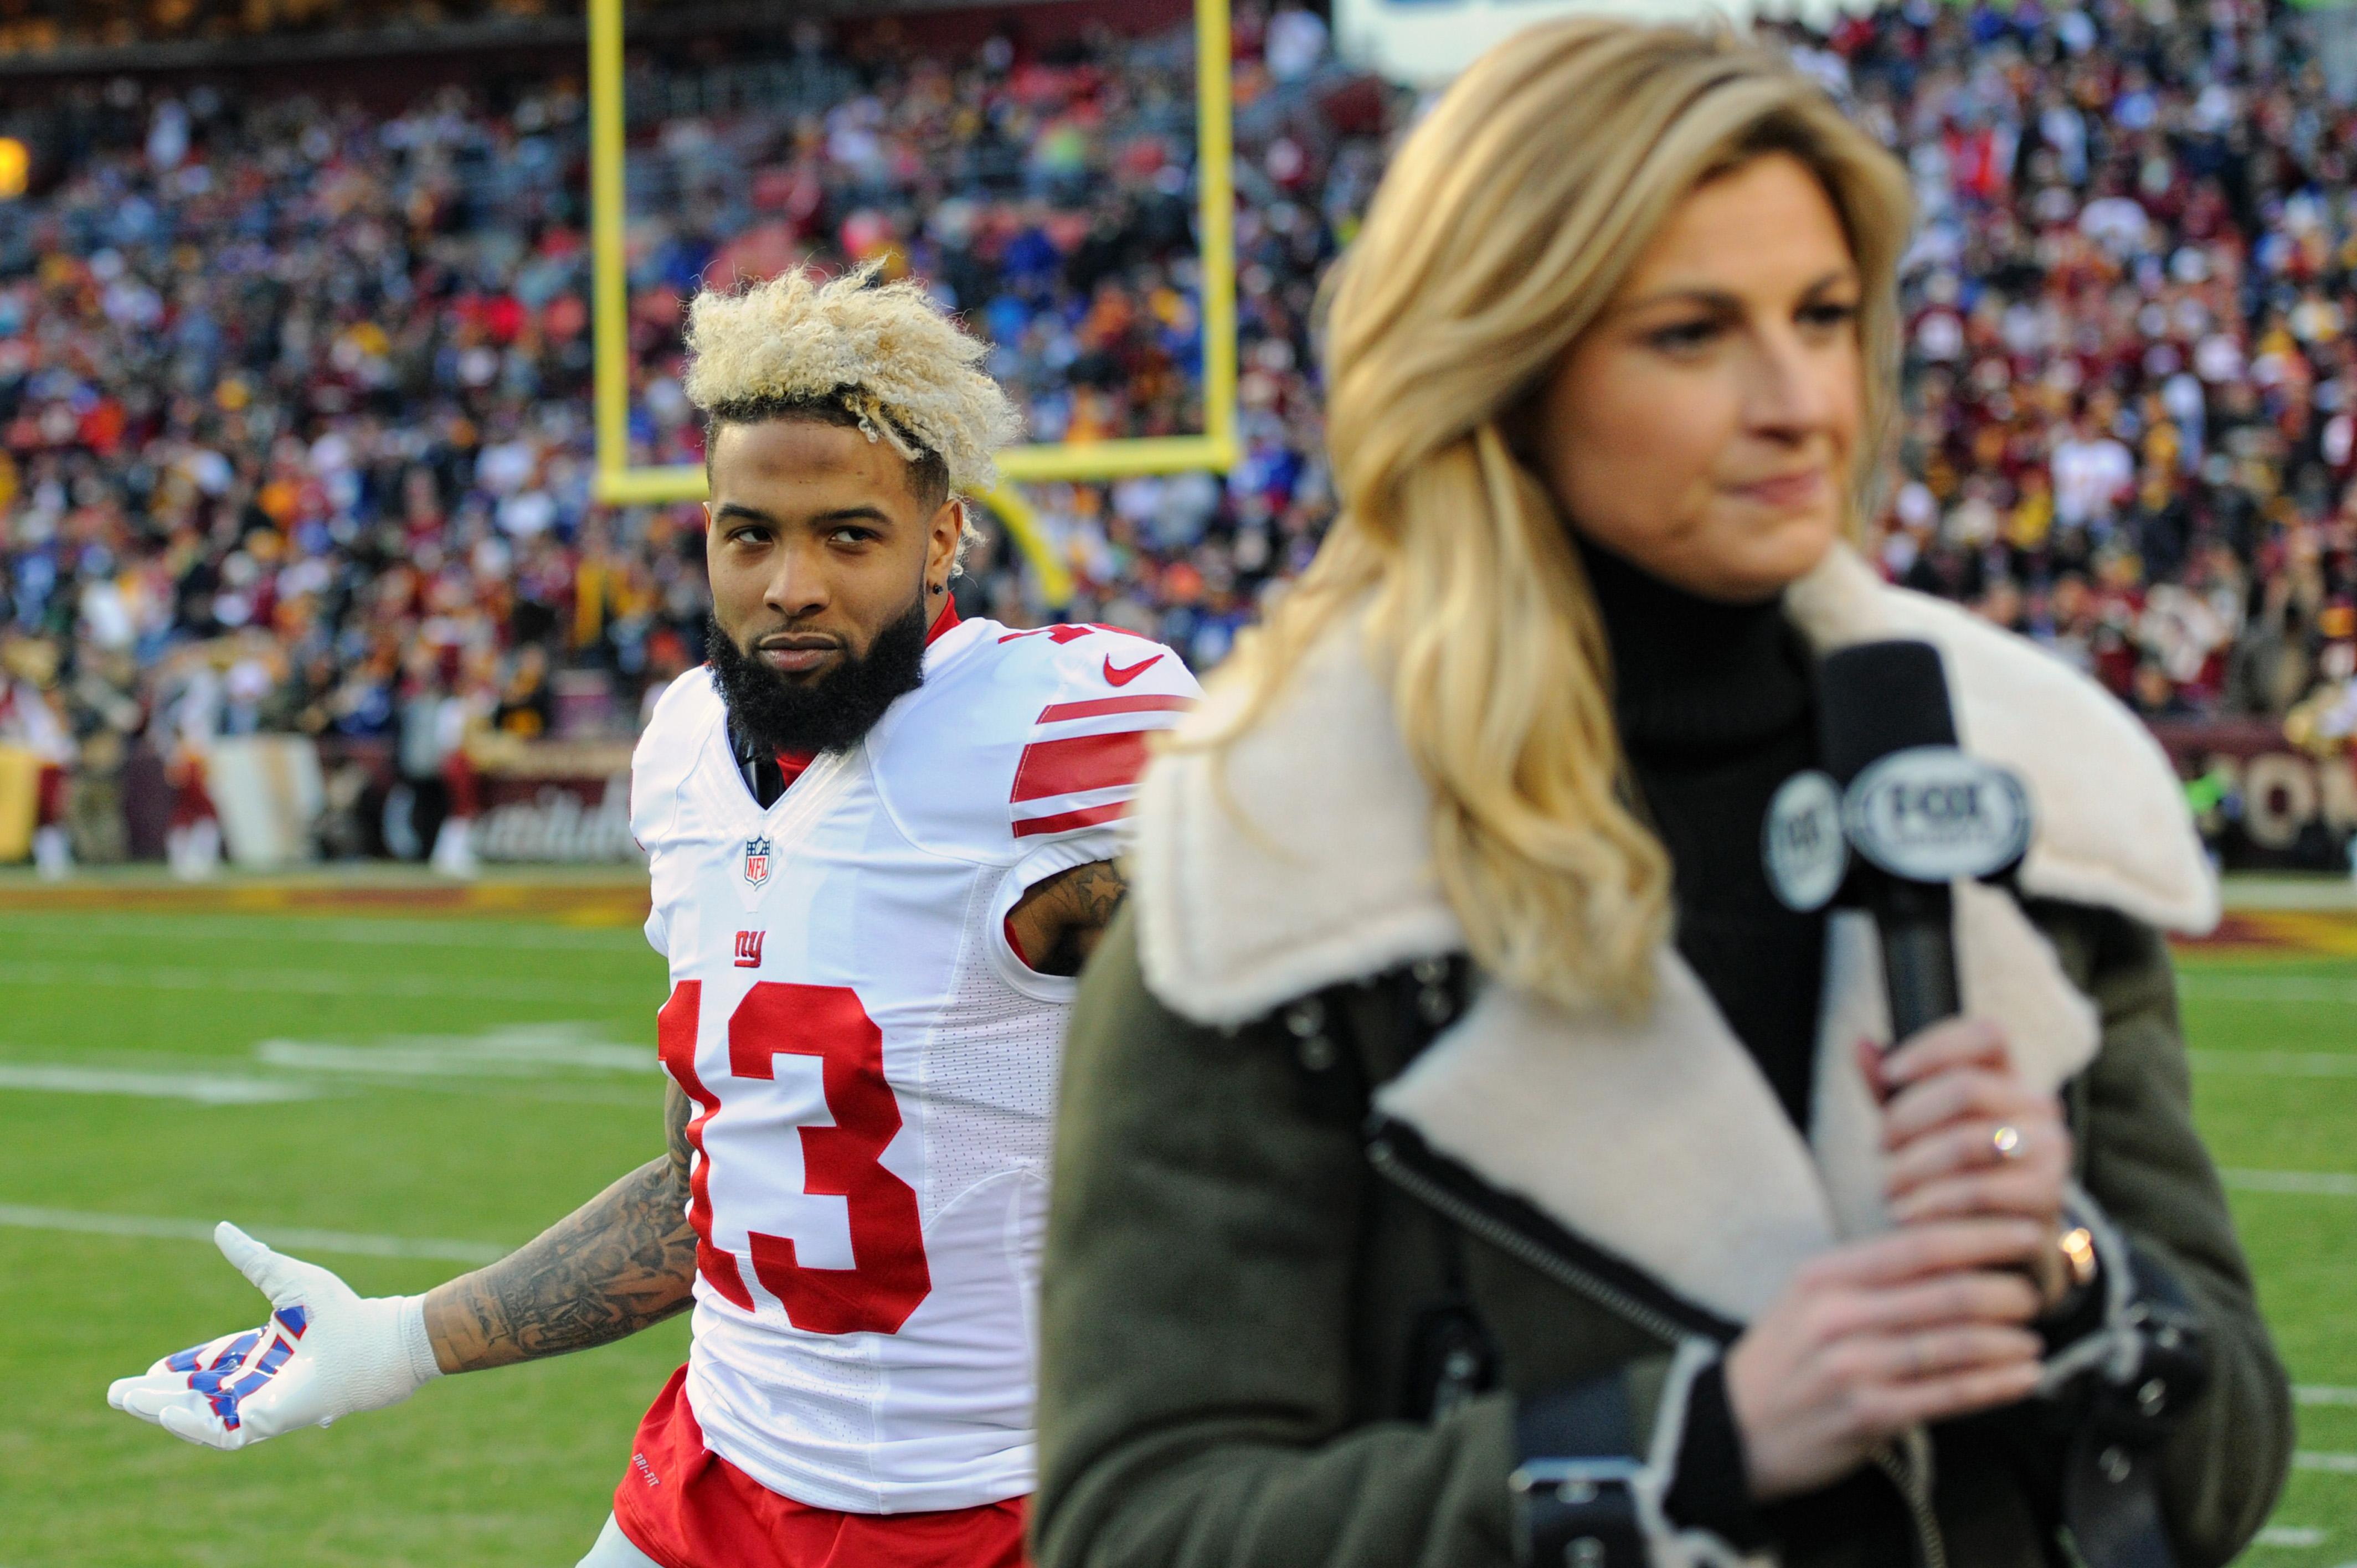 New York Giants WR Odell Beckham